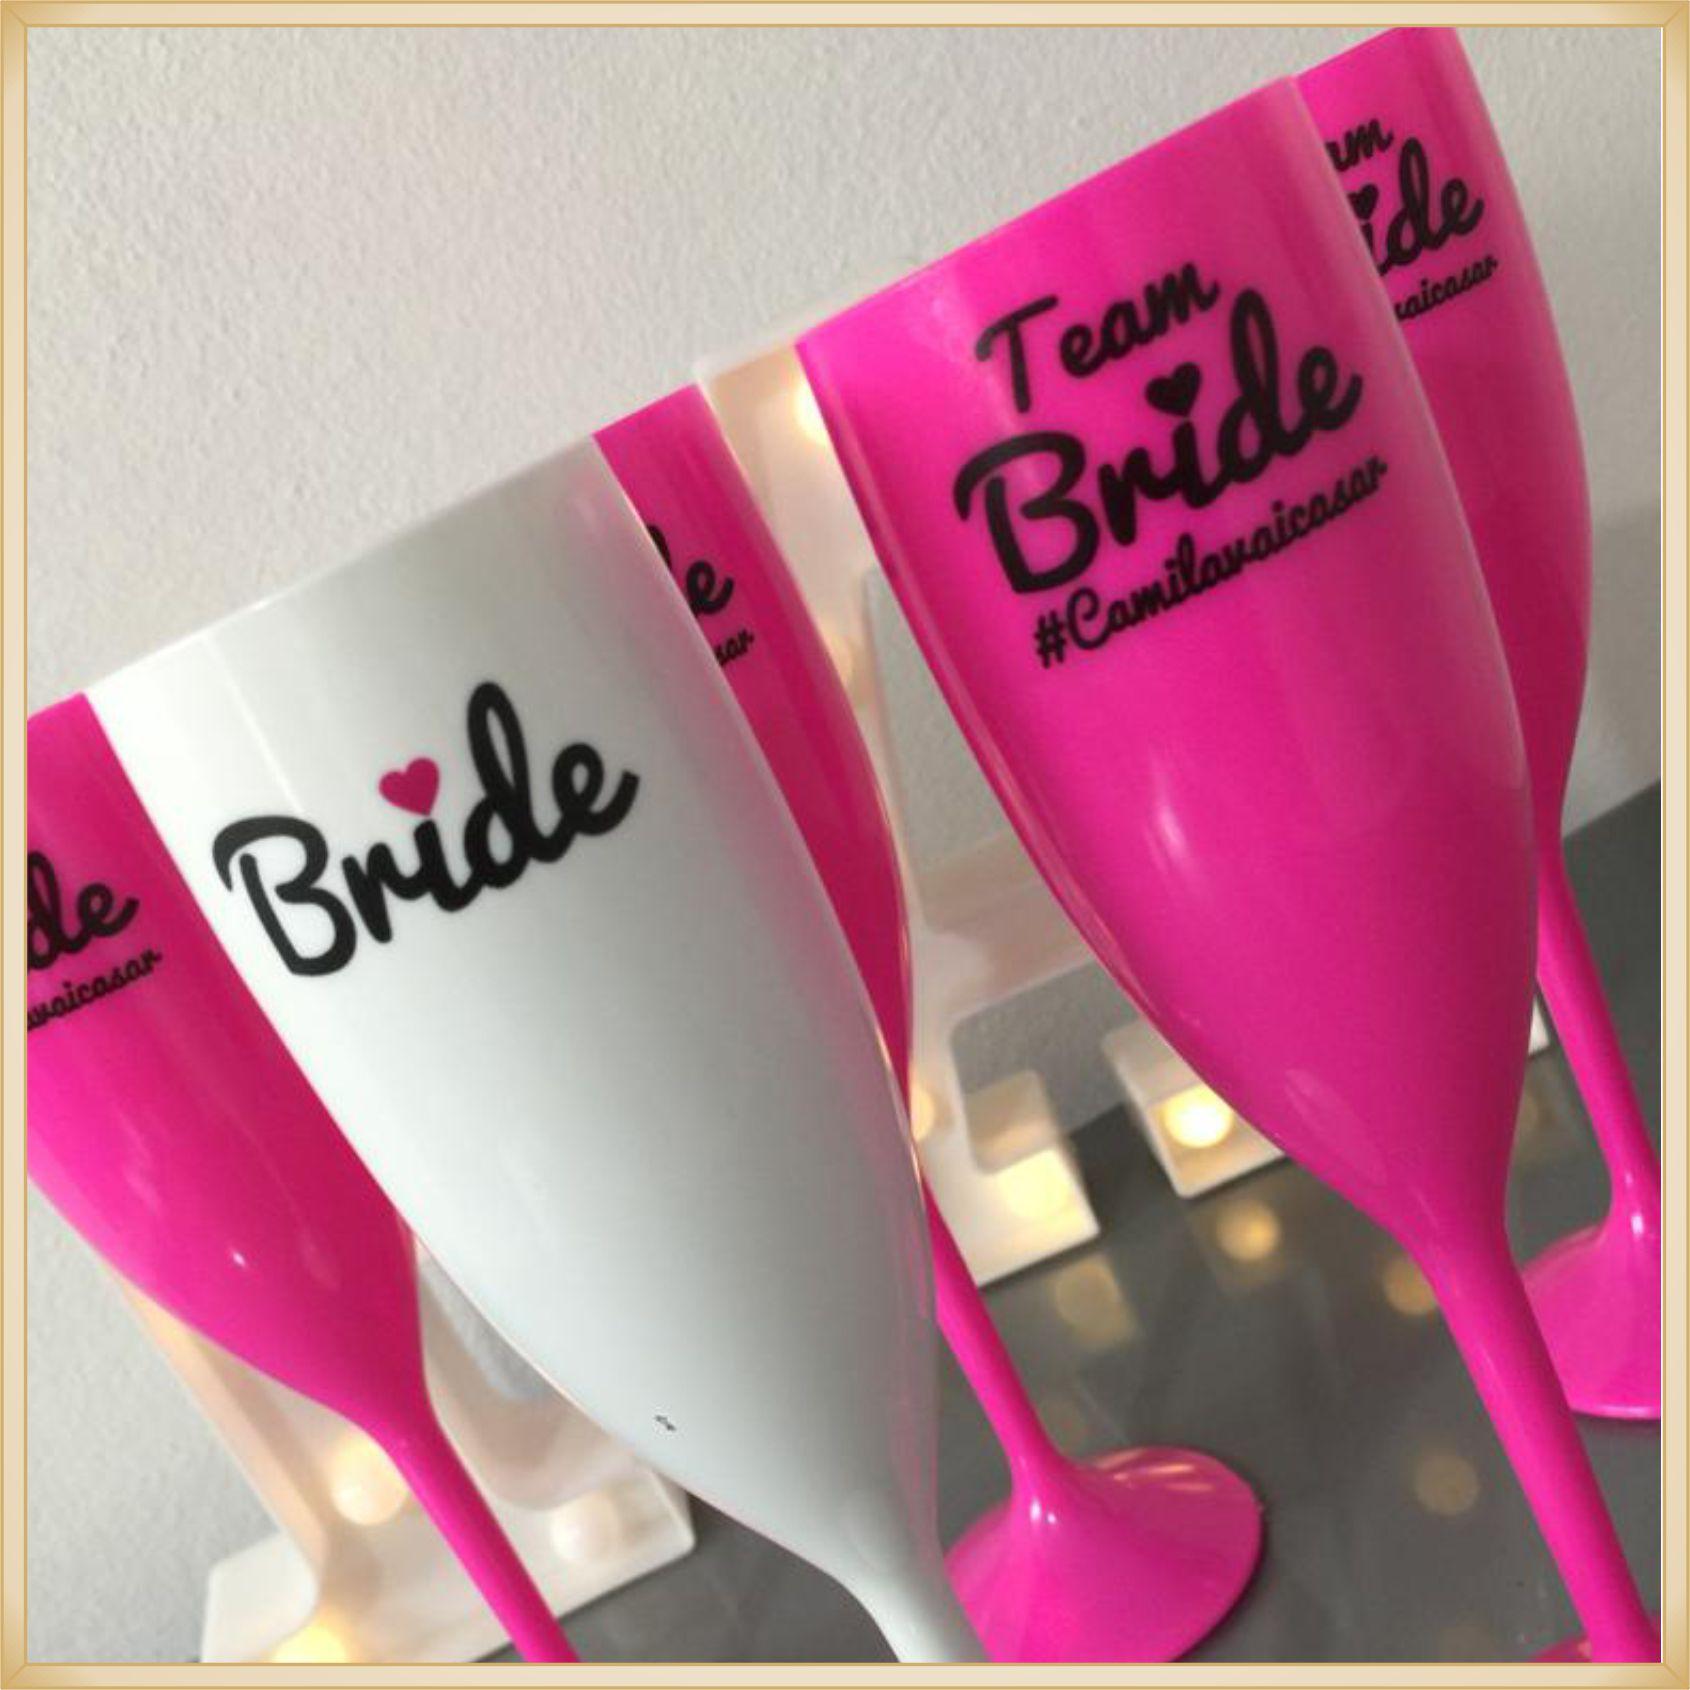 Taças de acrílico Personalizadas Casamento - acrílico de qualidade, brilhante, ótimo acabamento, parede de 2,0mm, produto Atóxico, 190ml. kit 30 unid.